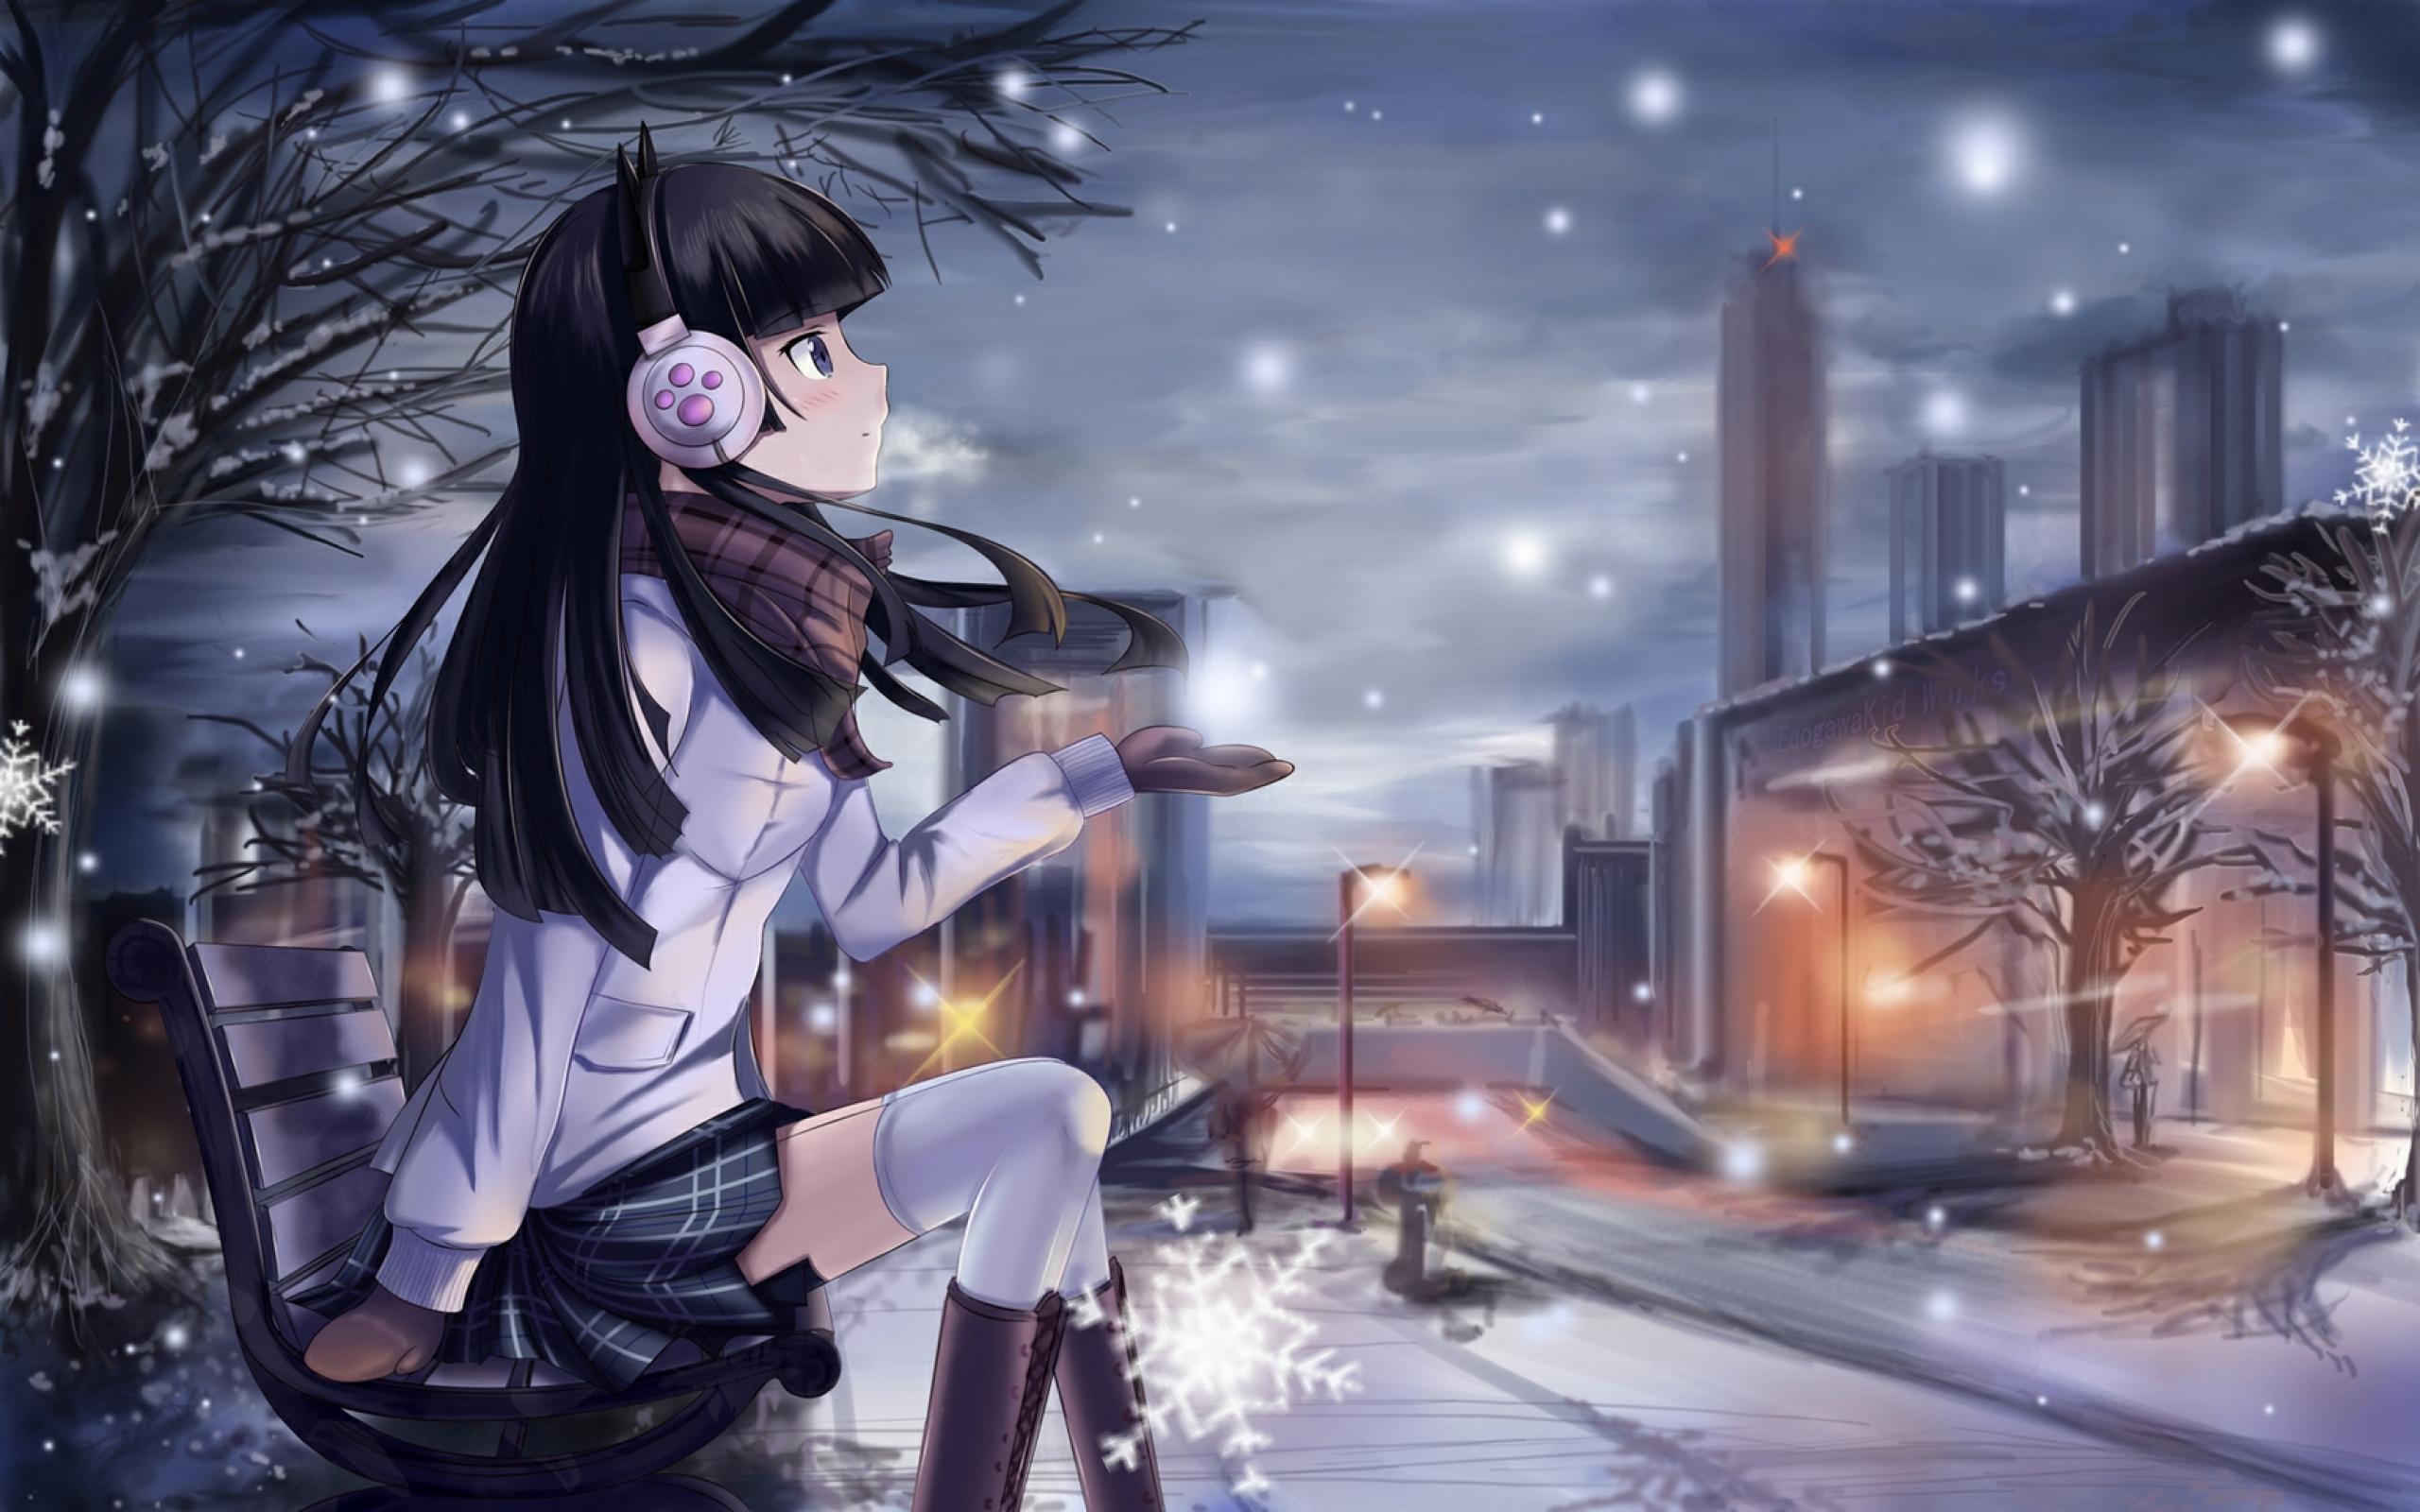 girl   Kawaii Anime Wallpaper 34625055 2560x1600